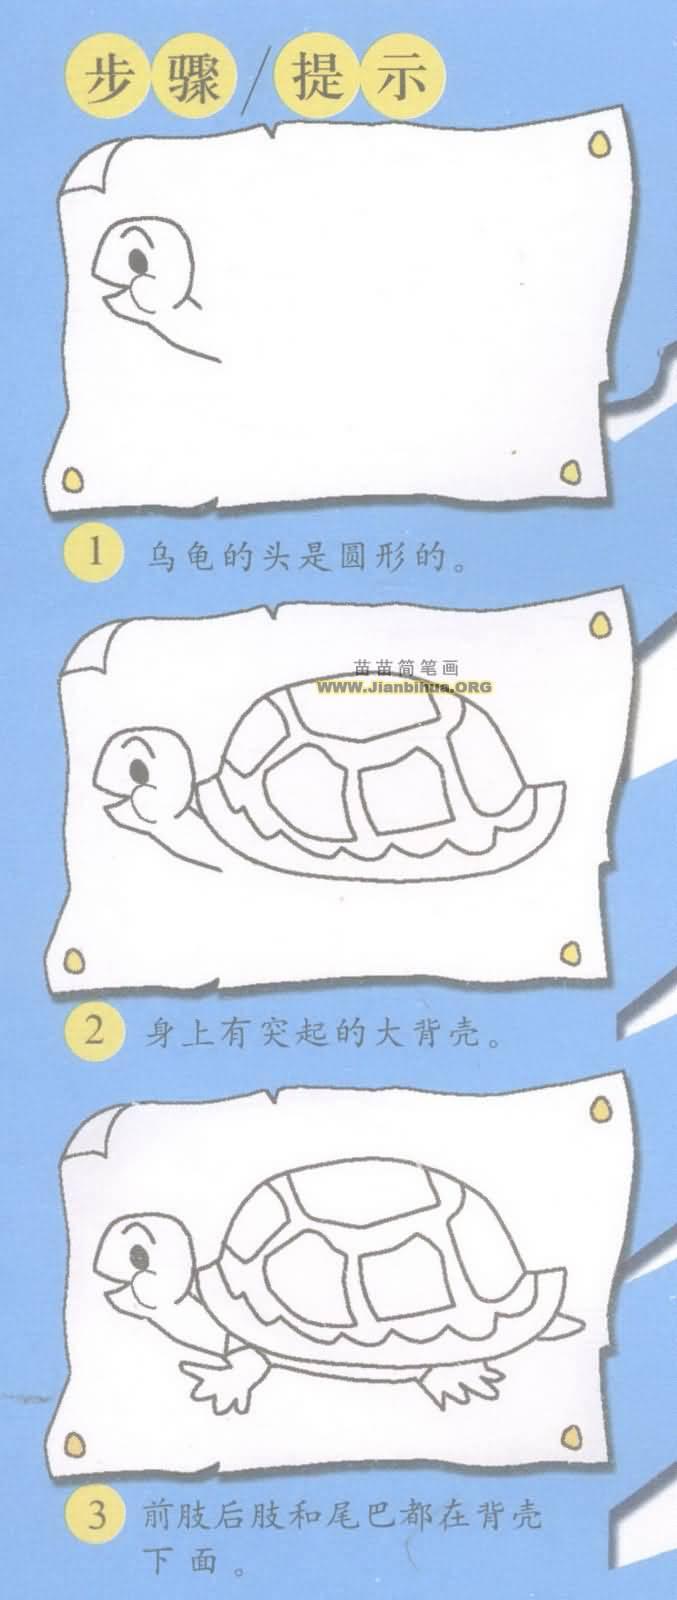 乌龟简笔画